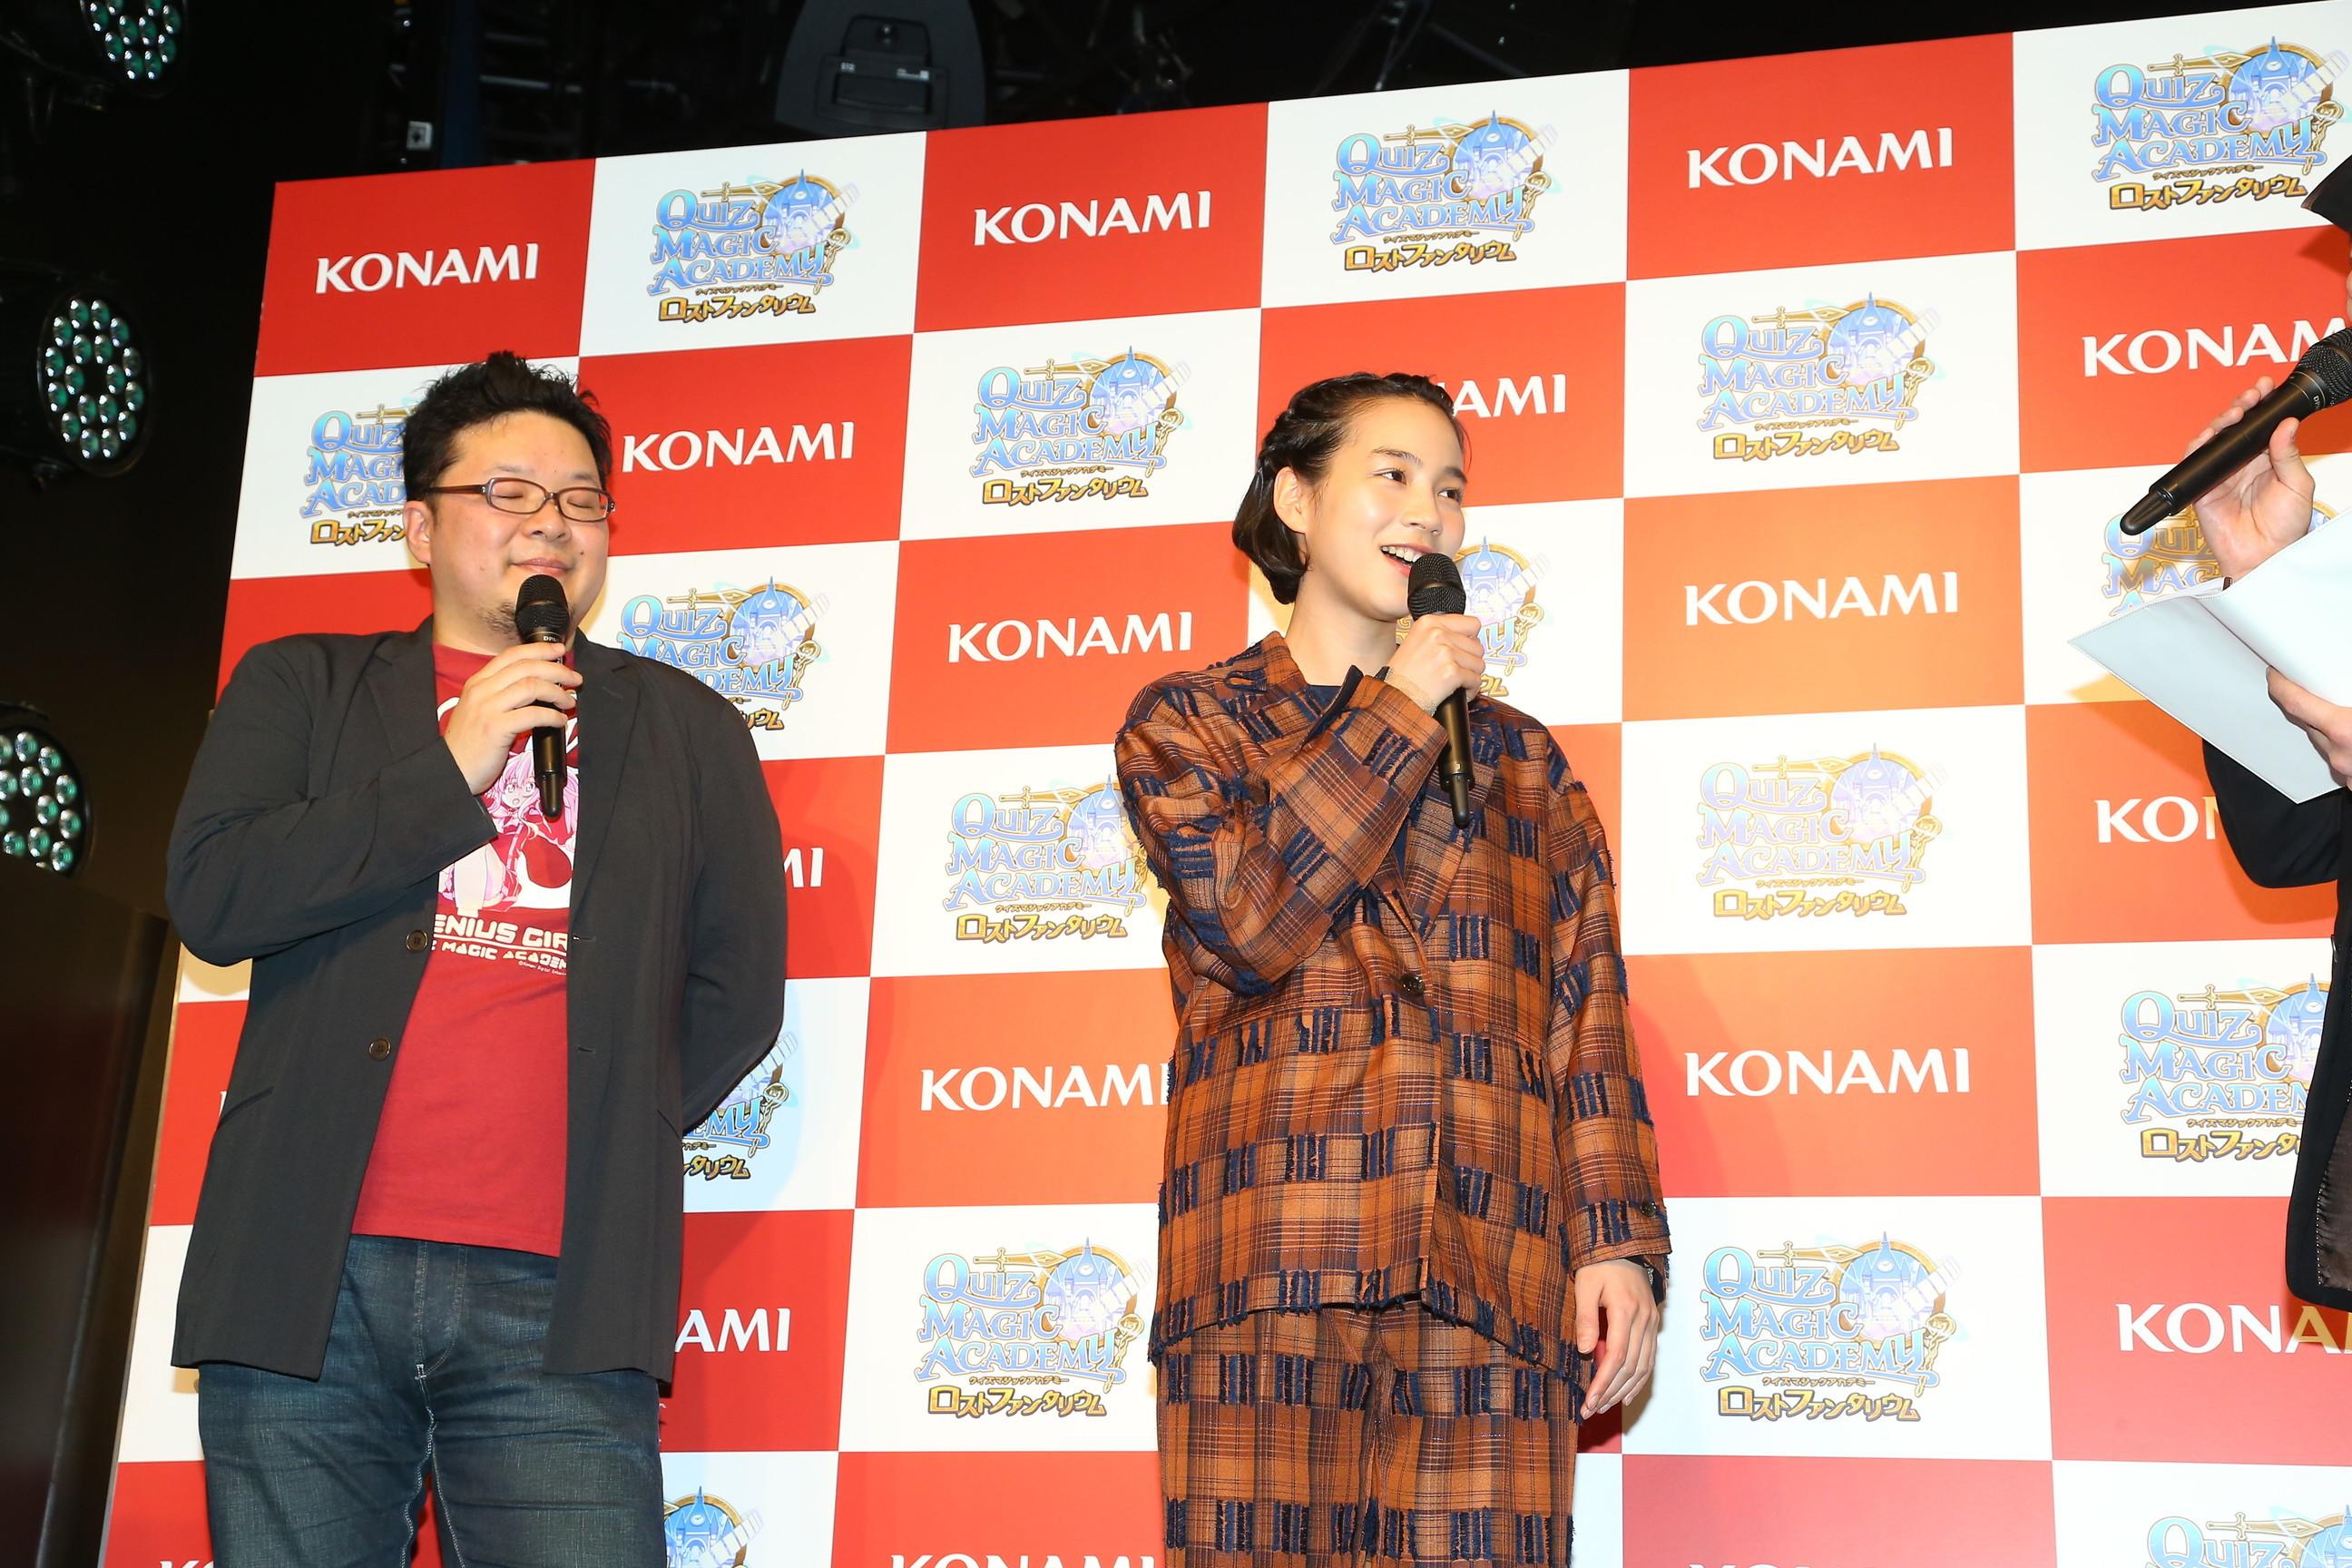 『クイズマジックアカデミー ロストファンタリウム』配信開始記念イベント